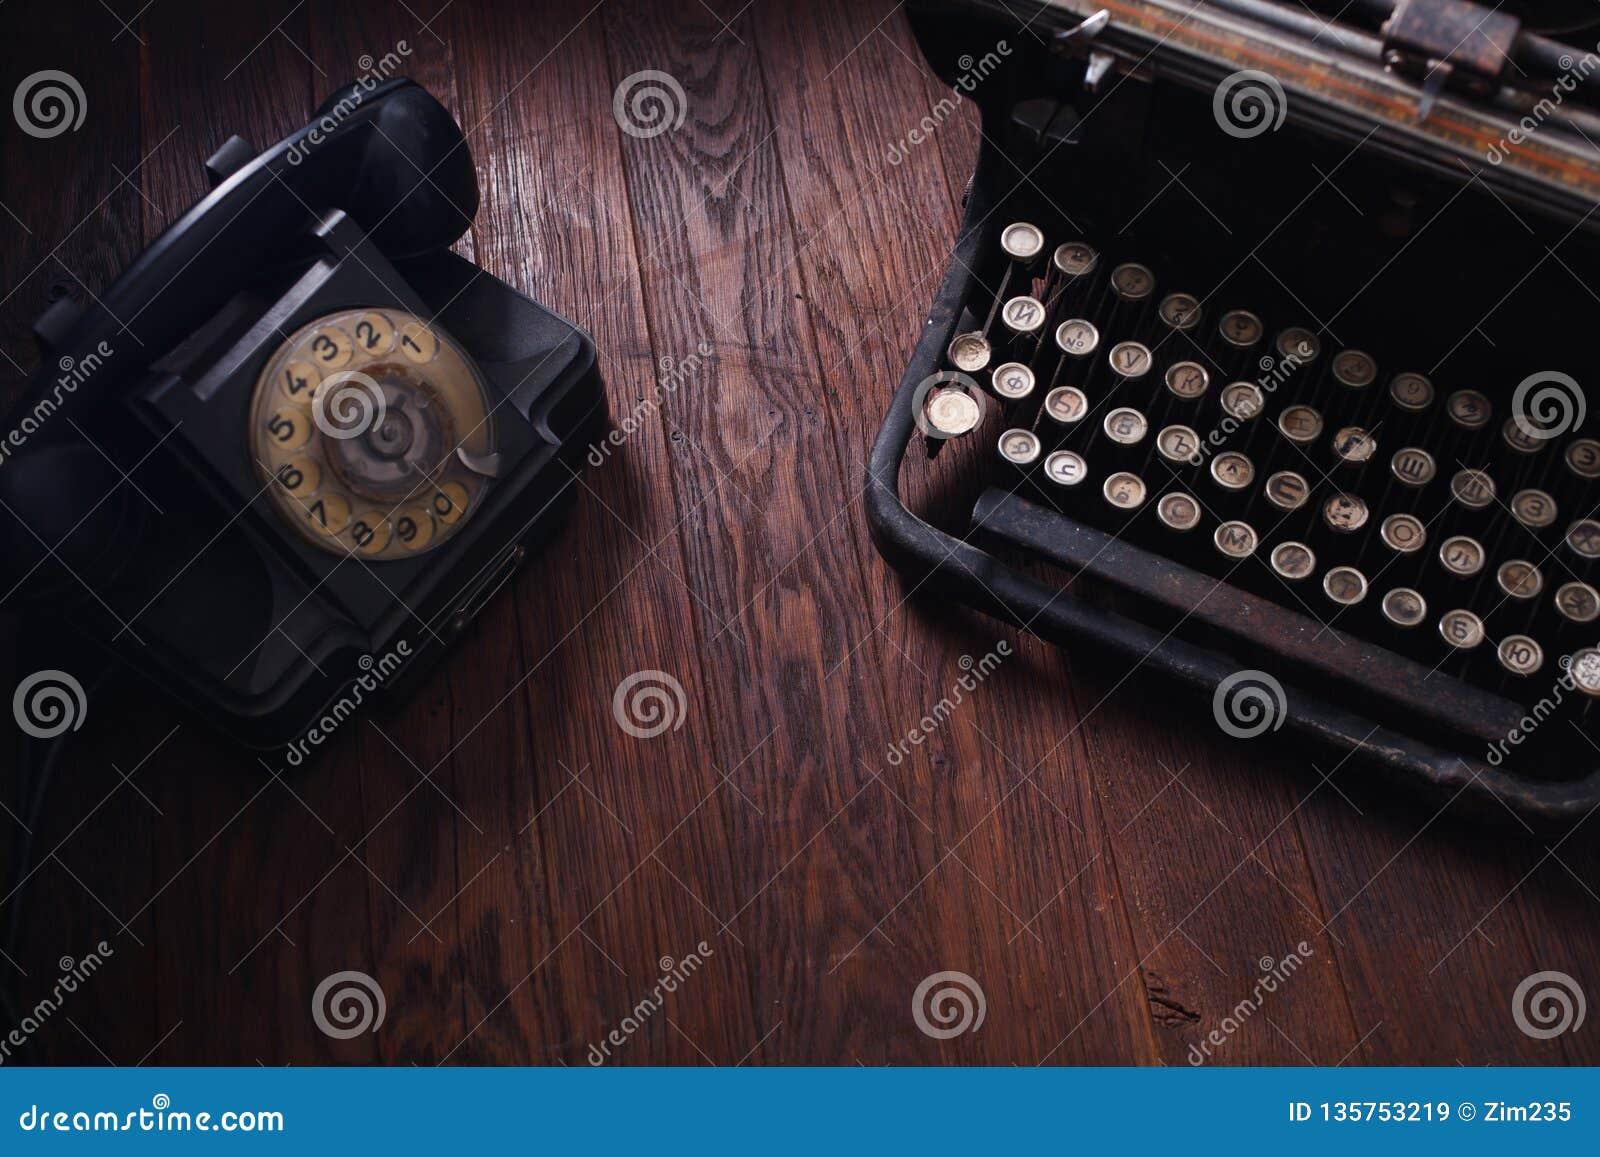 Teléfono retro viejo con la máquina de escribir del vintage en el tablero de madera